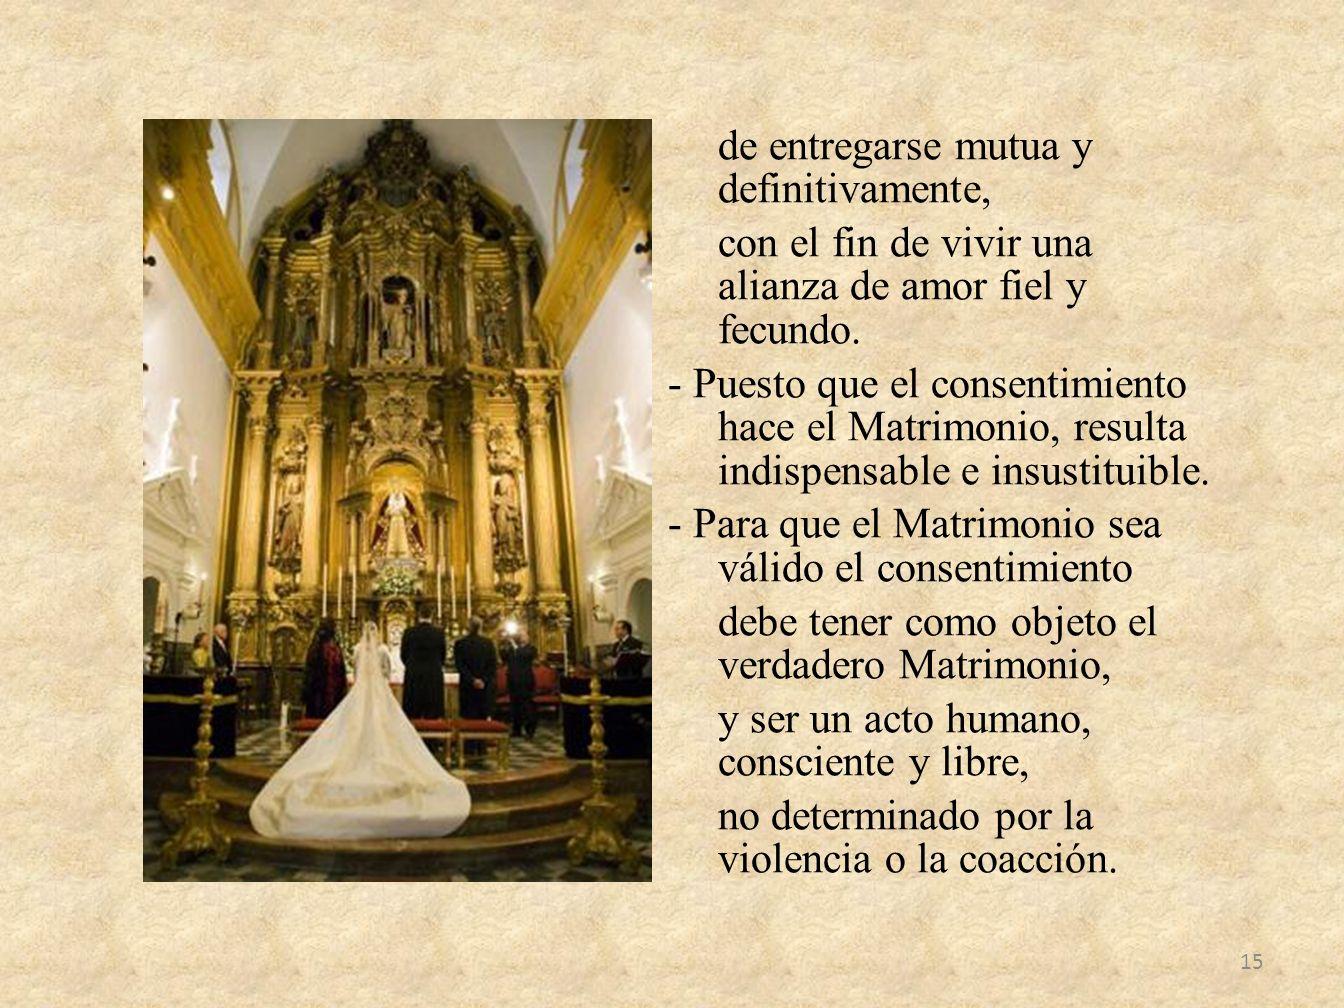 de entregarse mutua y definitivamente, con el fin de vivir una alianza de amor fiel y fecundo.